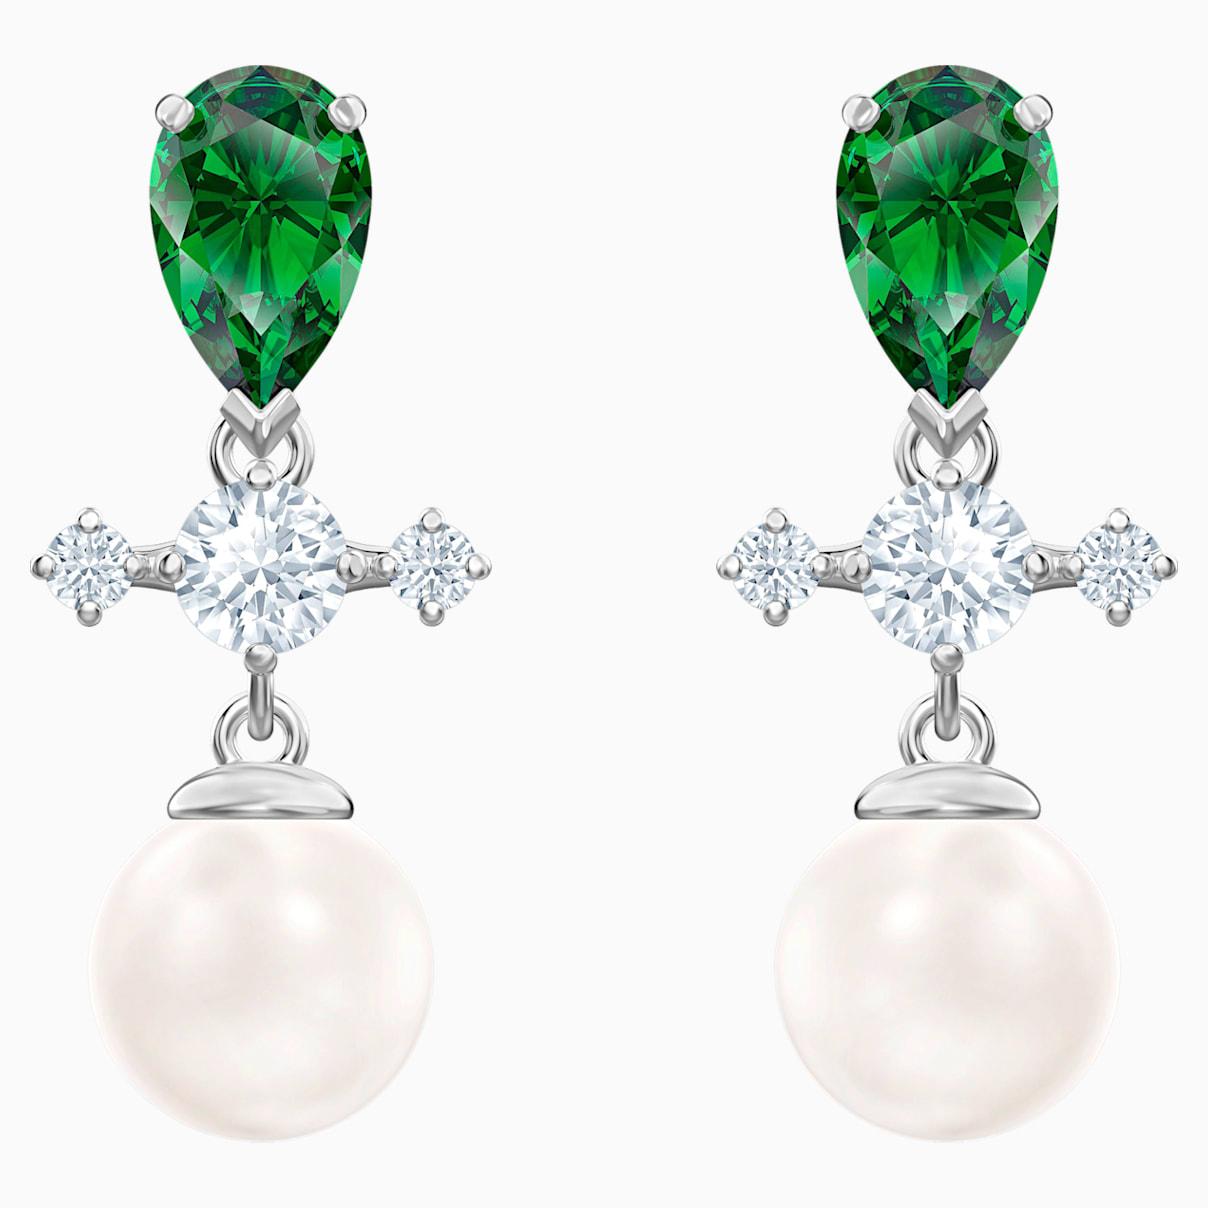 Boucles d?oreilles drop Perfection, vert, Métal rhodié